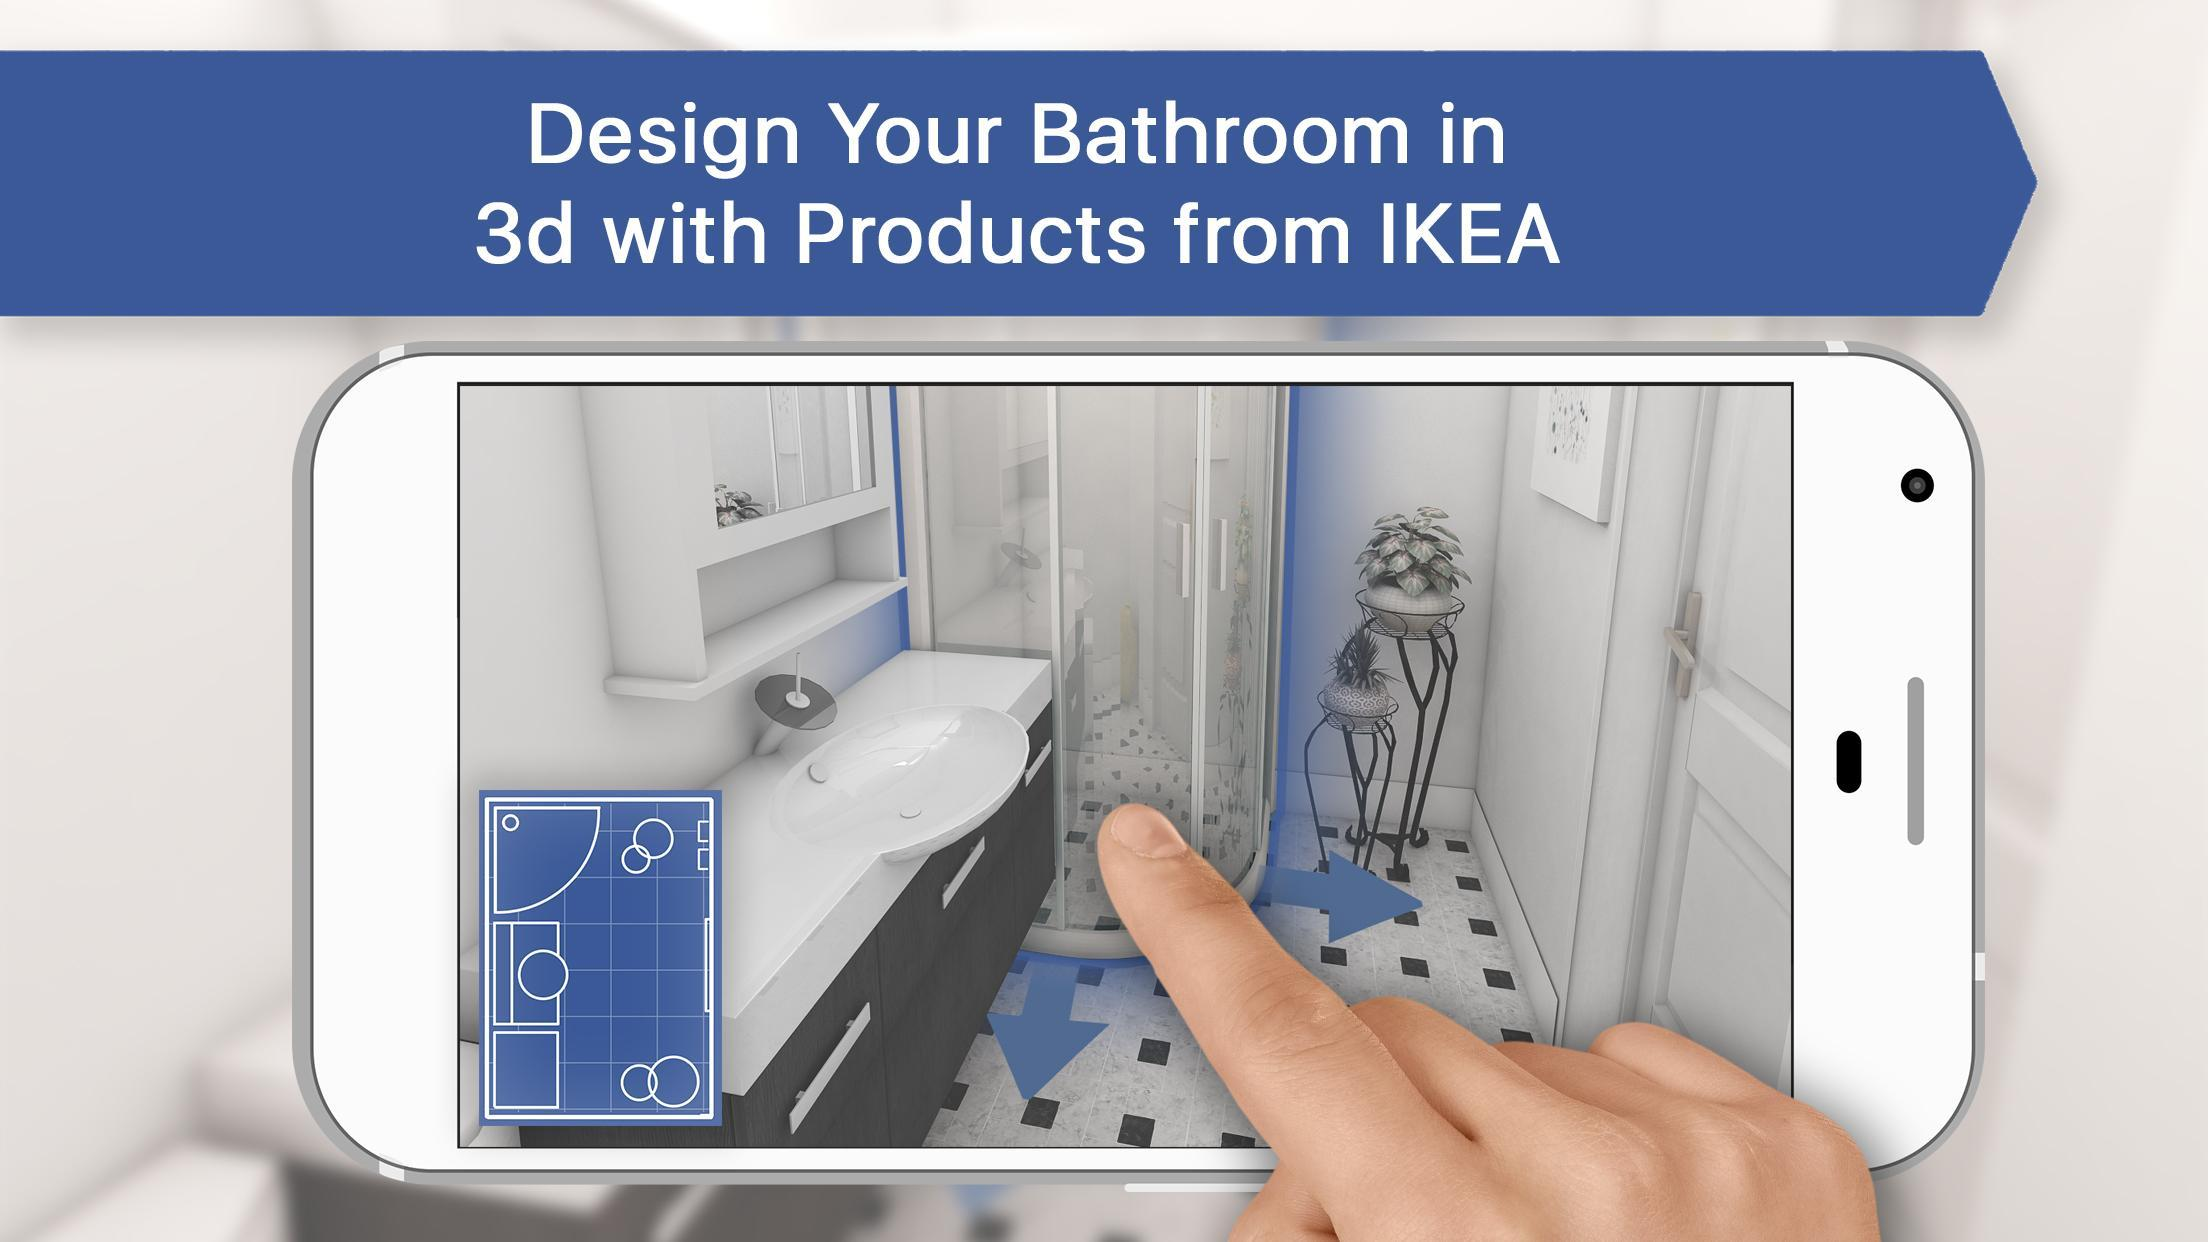 Diseno De Cuartos De Bano Ikea.3d Cuarto De Bano Para Ikea Diseno De Interiores For